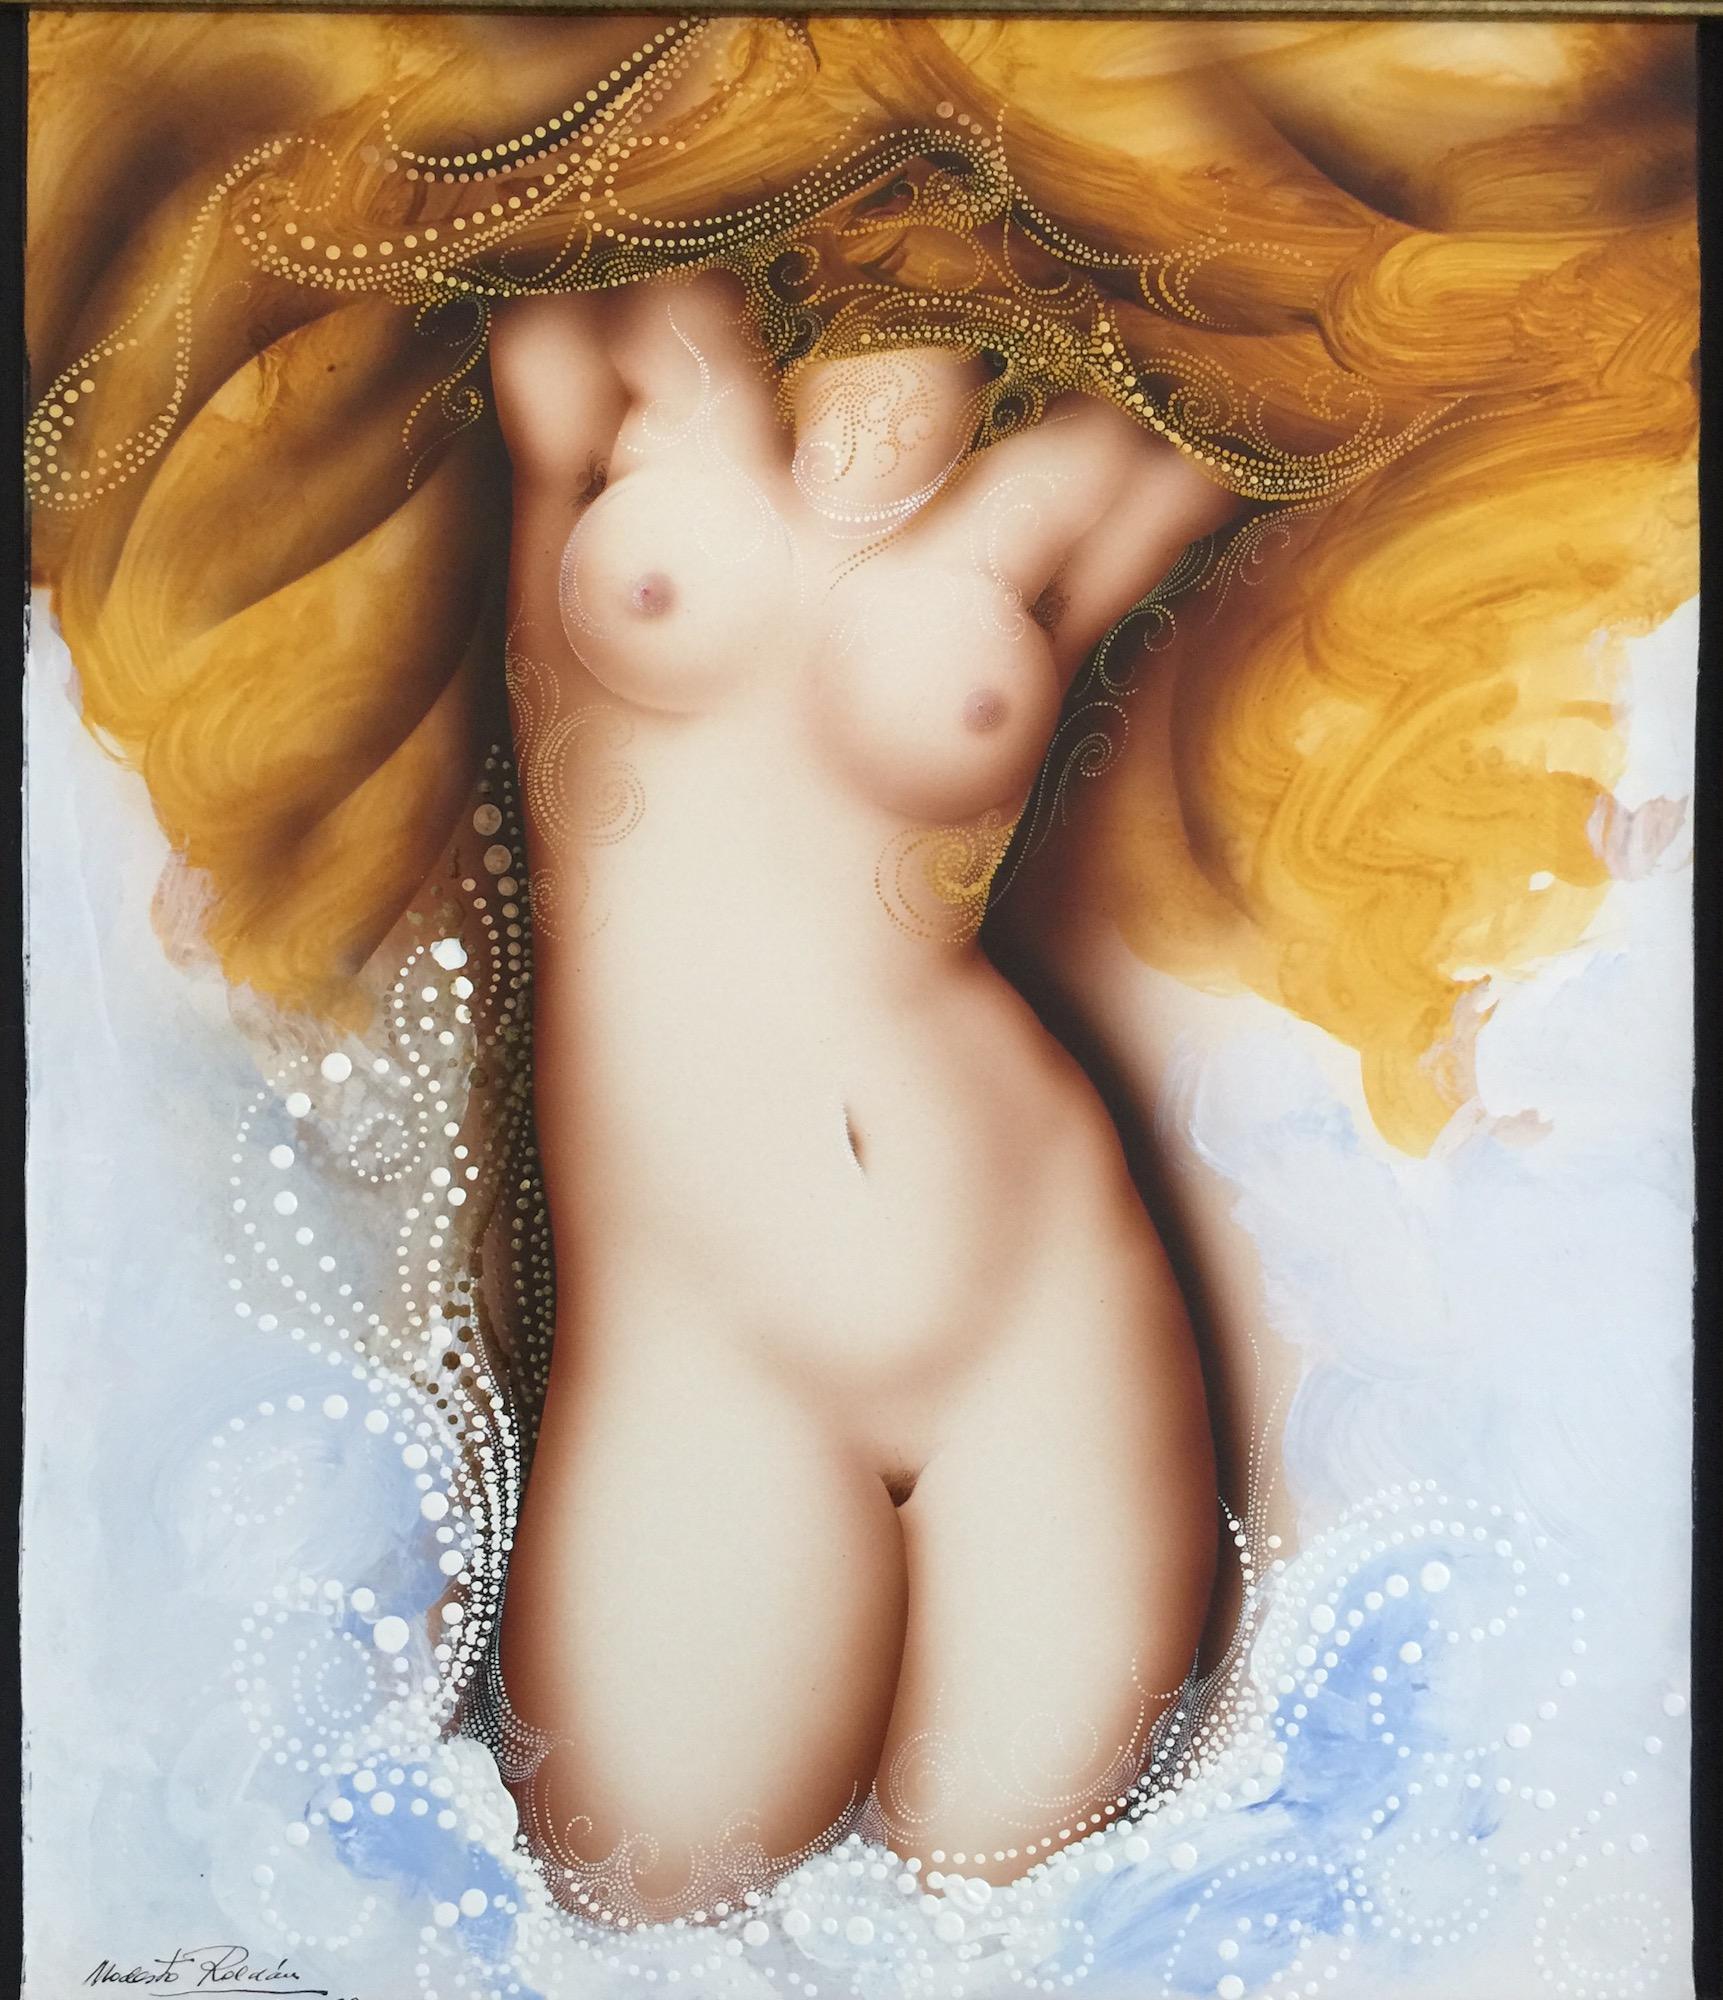 LASCIVA (1999) - Modesto Roldán